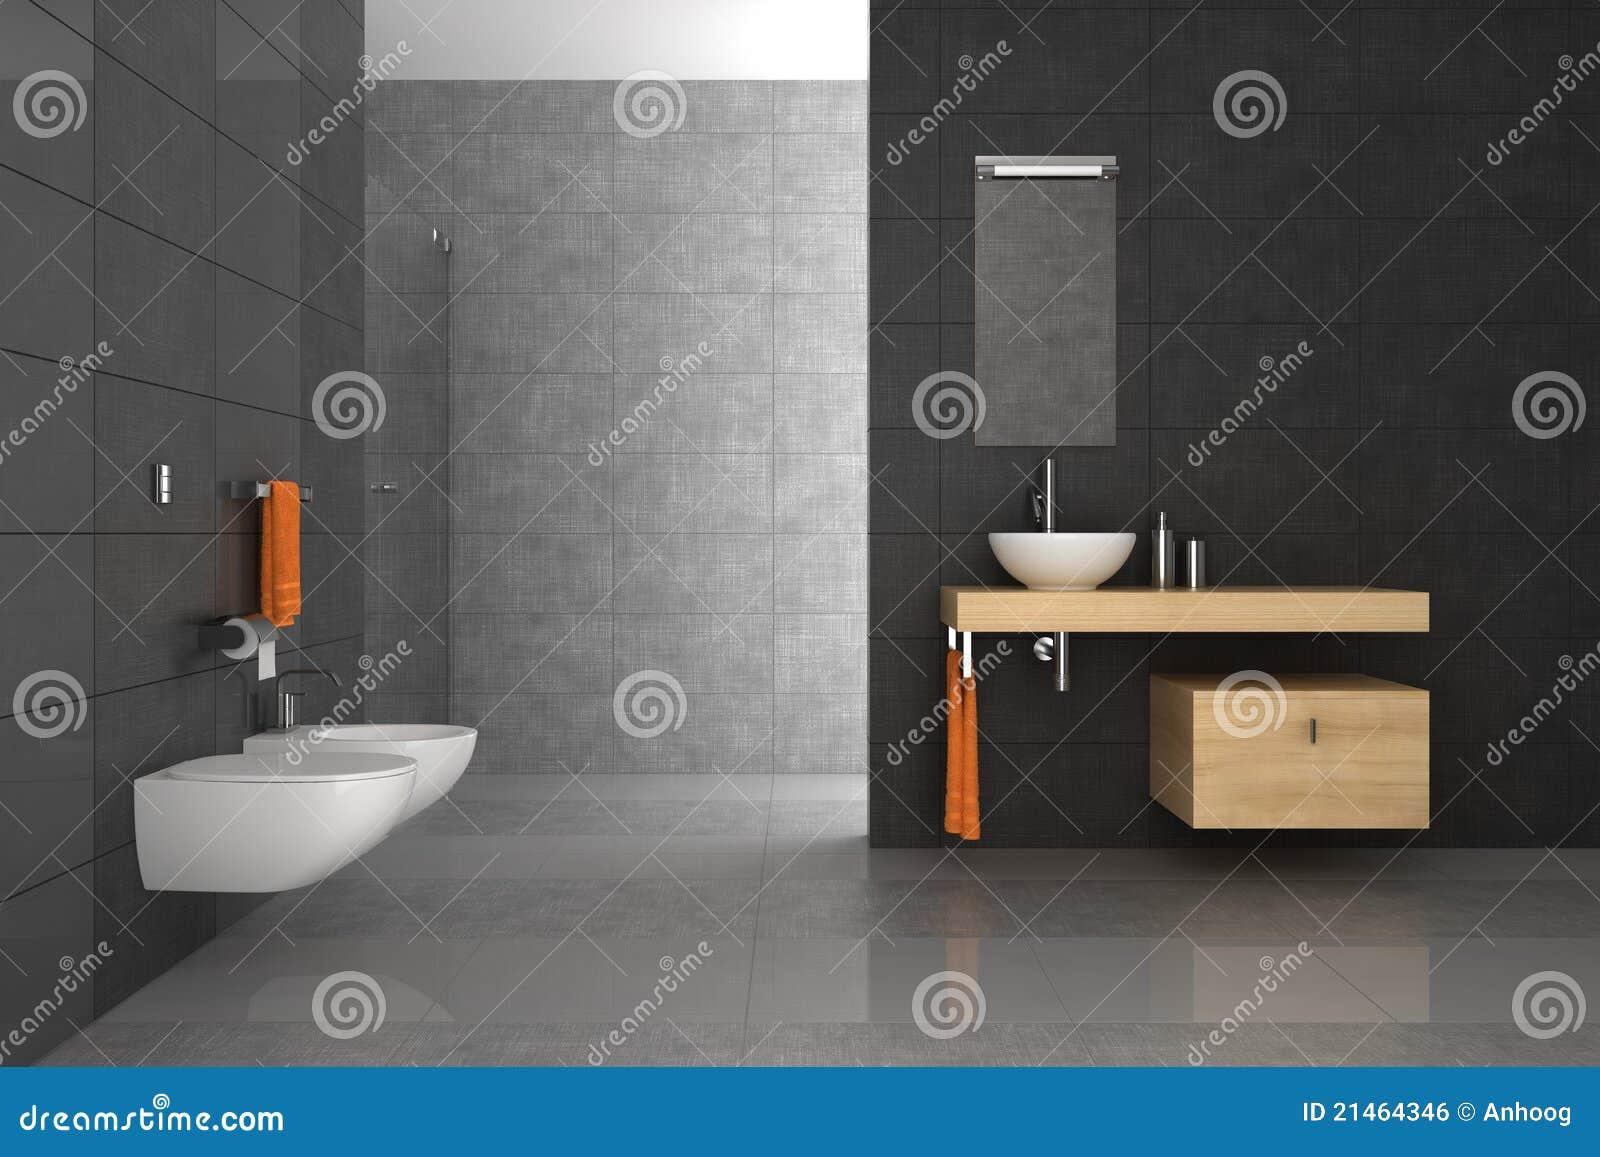 Betegelde badkamers met houten meubilair royalty vrije stock afbeelding afbeelding 21464346 - Betegelde badkamer ontwerp ...